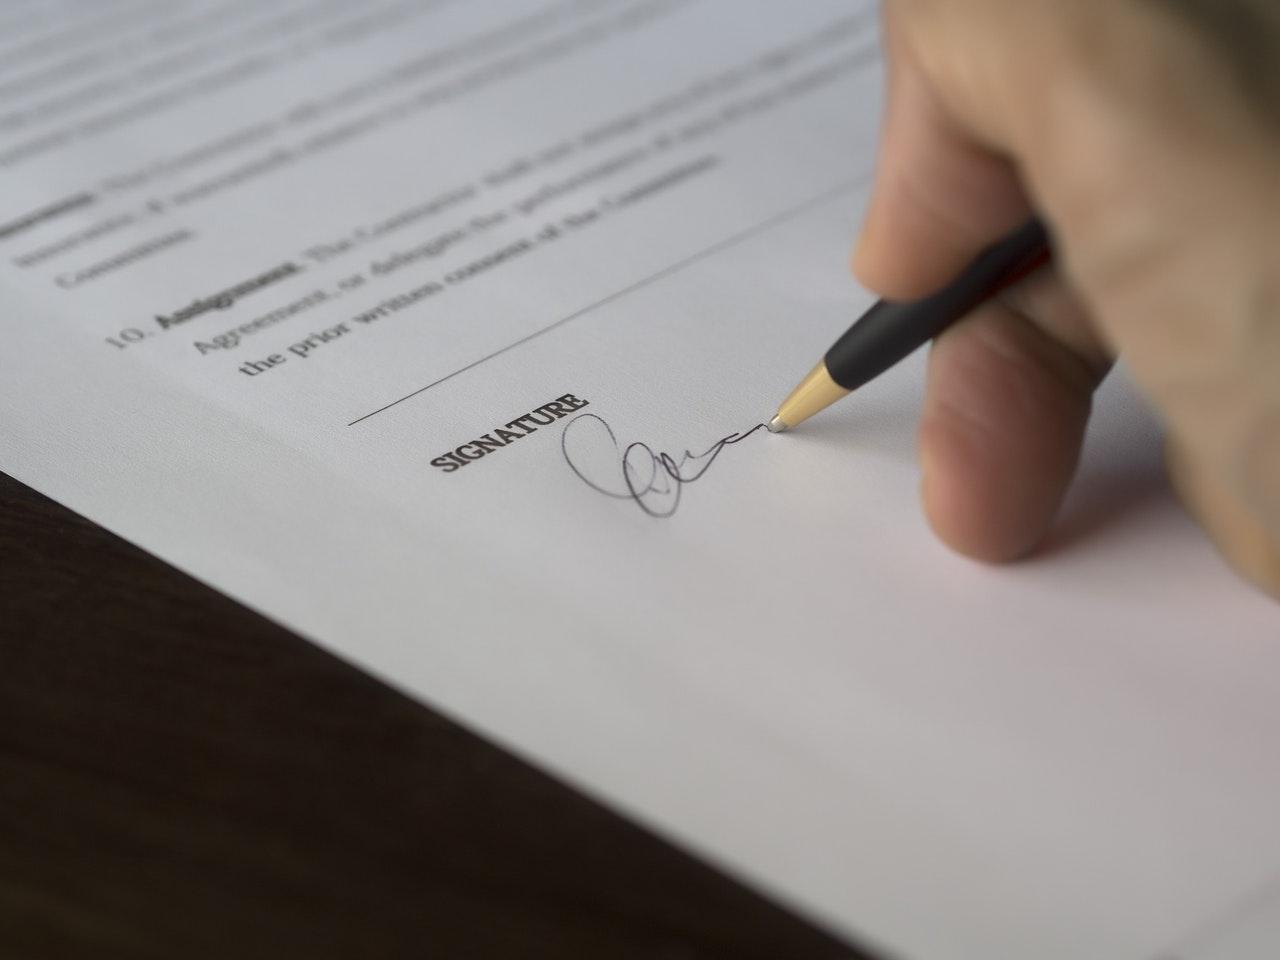 Surat Lamaran Kerja Tulis Tangan Yang Baik Dan Benar